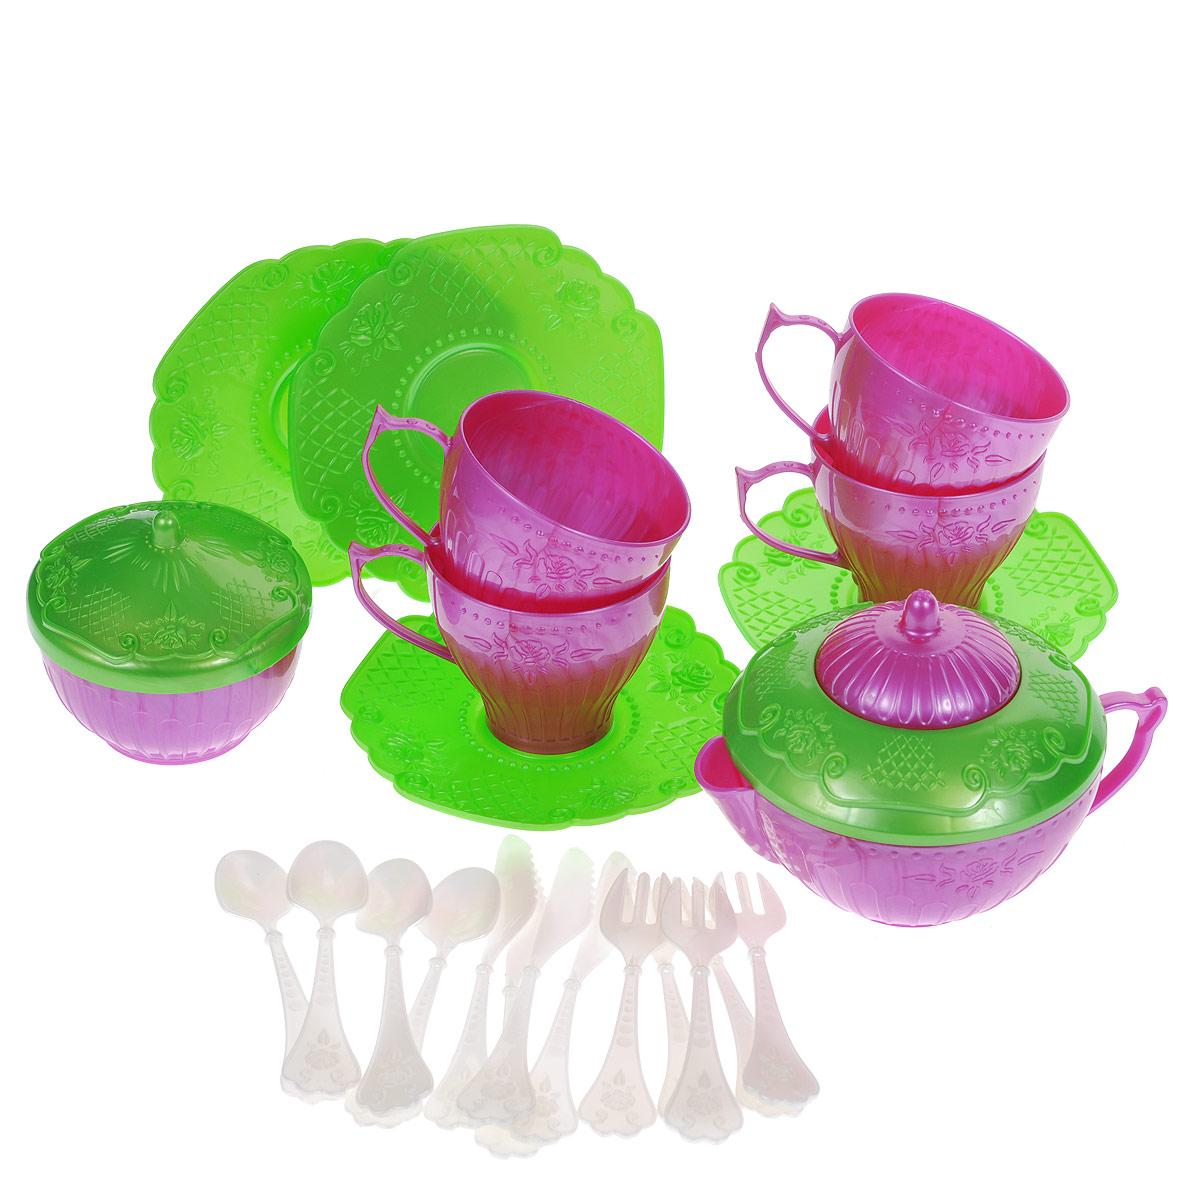 Набор детской посуды Чайный сервиз Волшебная Хозяюшка, 22 предмета, цвет: розовый, зеленыйН-620Набор детской посуды Чайный сервиз Волшебная Хозяюшка - отличный подарок для вашей маленькой хозяюшки, которой так хочется быть самостоятельной! Он поможет малышке научиться накрывать на стол к обеду. В комплект набора входят 4 блюдца, 4 чашки, 4 ложки, 4 вилки, 4 ножа, кофейник с крышкой и сахарница с крышкой. Элементы набора выполнены из прочного пластика ярких цветов. С таким набором все куколки вашей малышки будут сытыми. УВАЖАЕМЫЕ КЛИЕНТЫ! Обращаем ваше внимание на возможные изменения в цветовом дизайне, связанные с ассортиментом продукции. Поставка осуществляется в зависимости от наличия на складе.